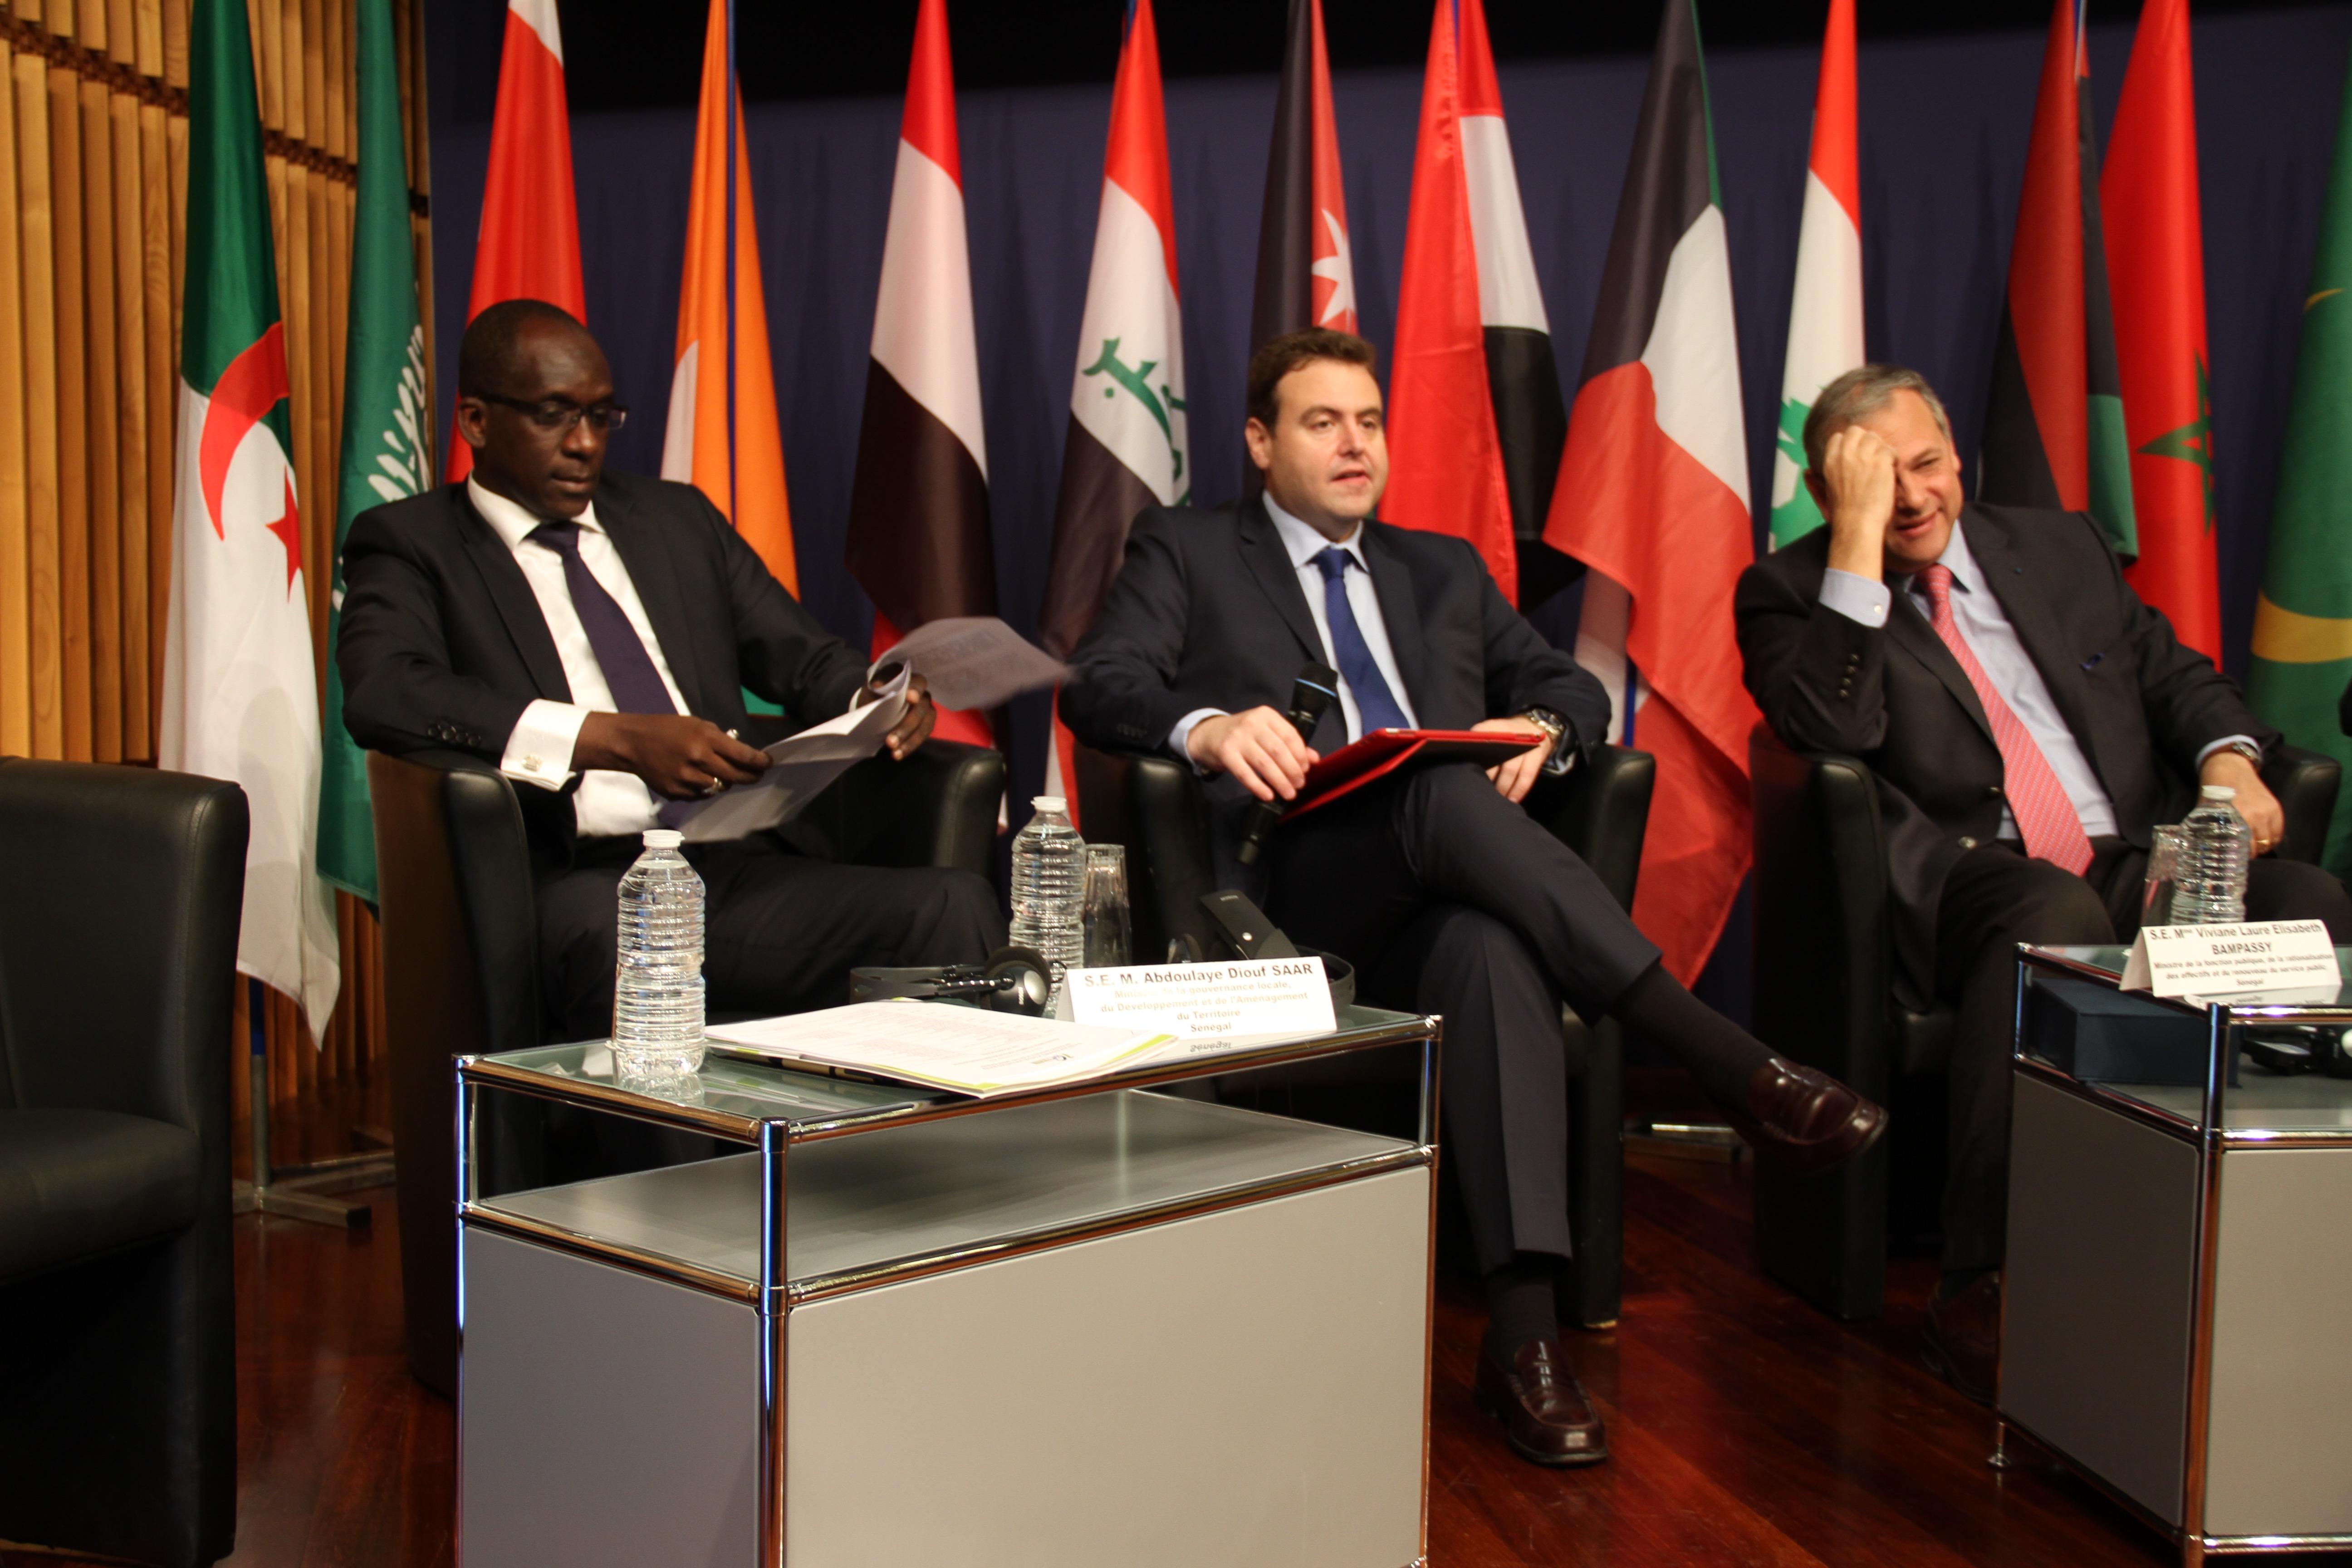 10ème Conférence annuelle GIFT-NEMA : Abdoulaye Diouf SARR plaide pour des « Collectivités territoriales mieux résilientes et performantes »